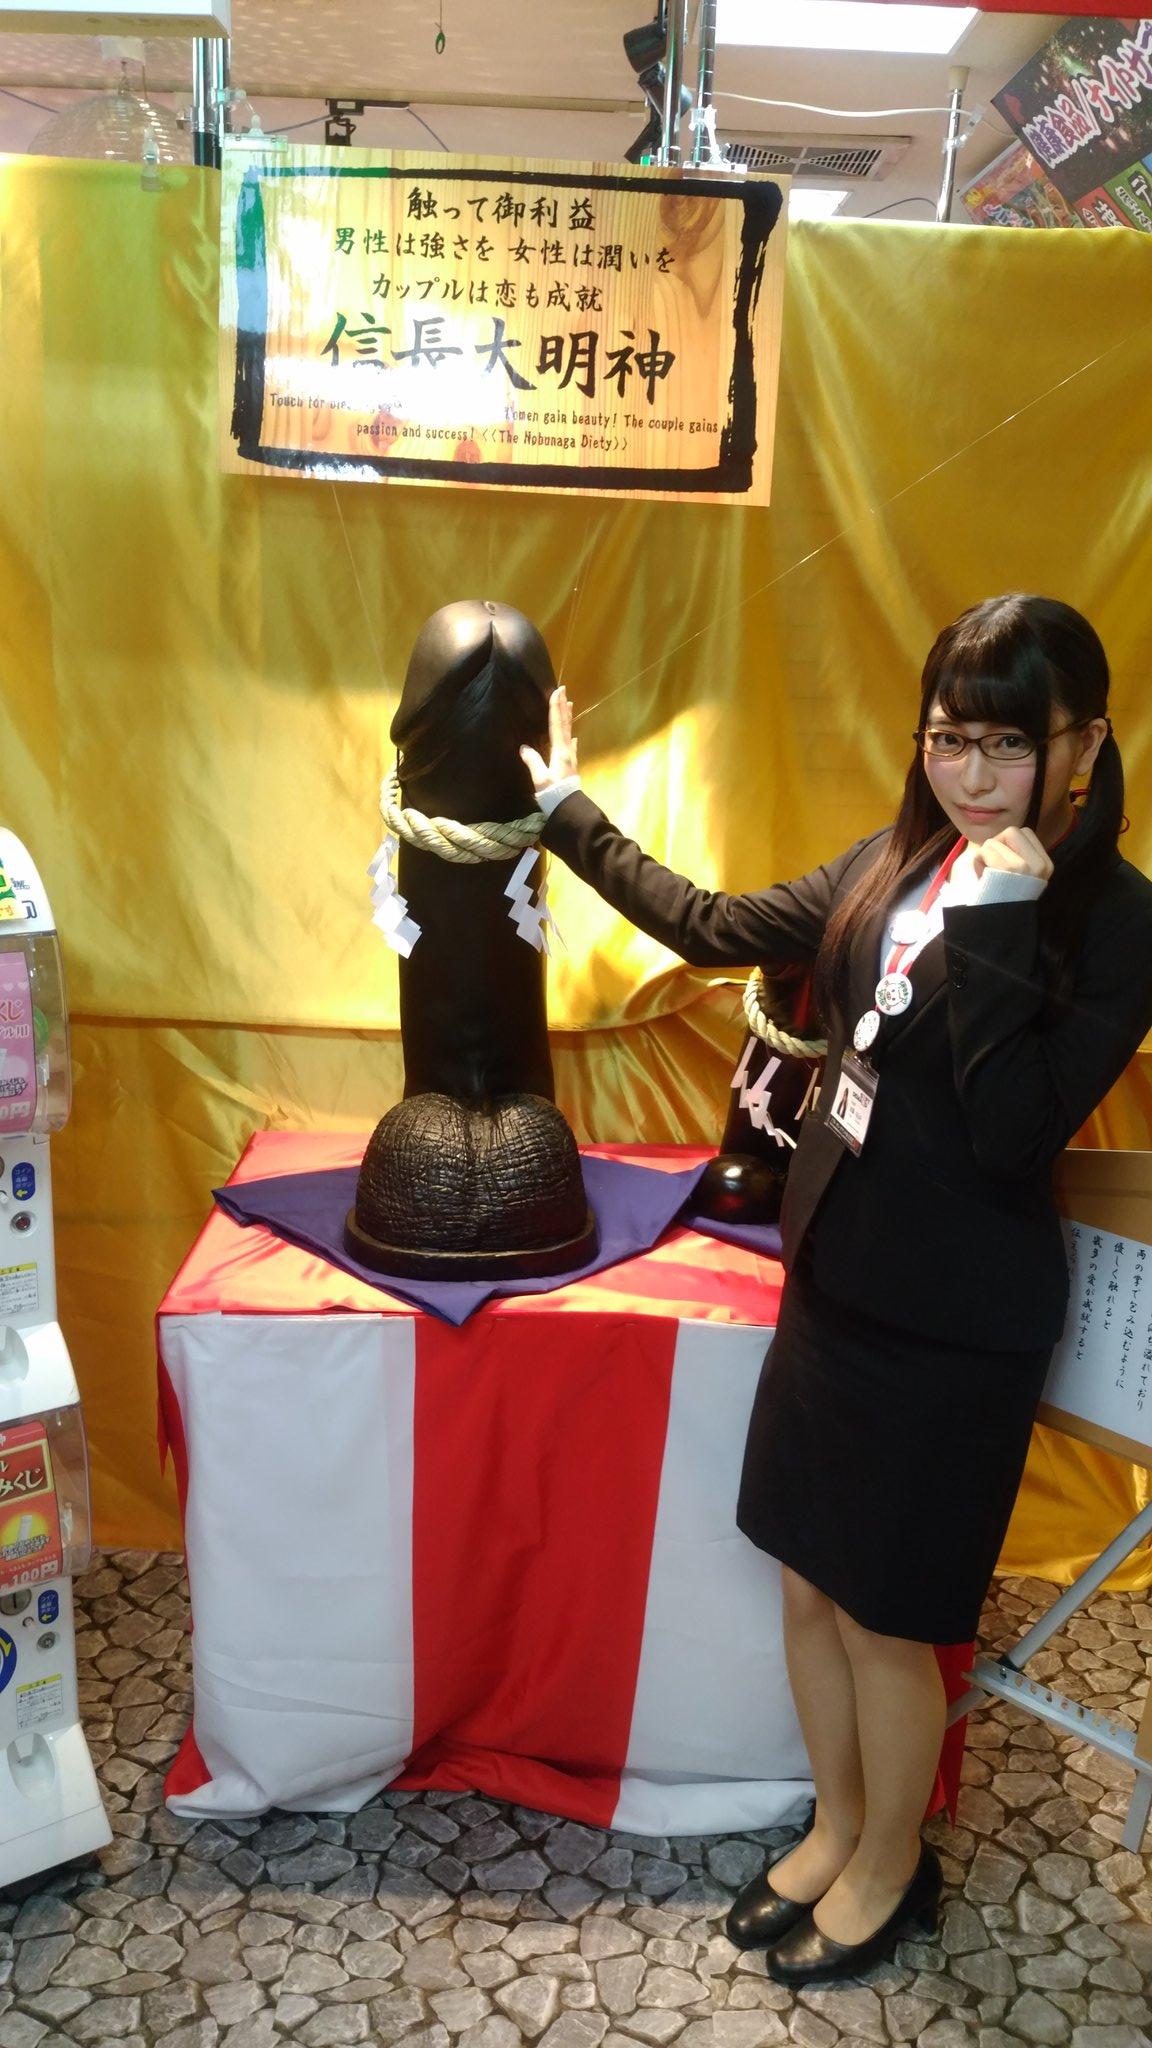 image http://scanlover.com/assets/images/694-qwdN1fkqRfKUemdh.jpeg